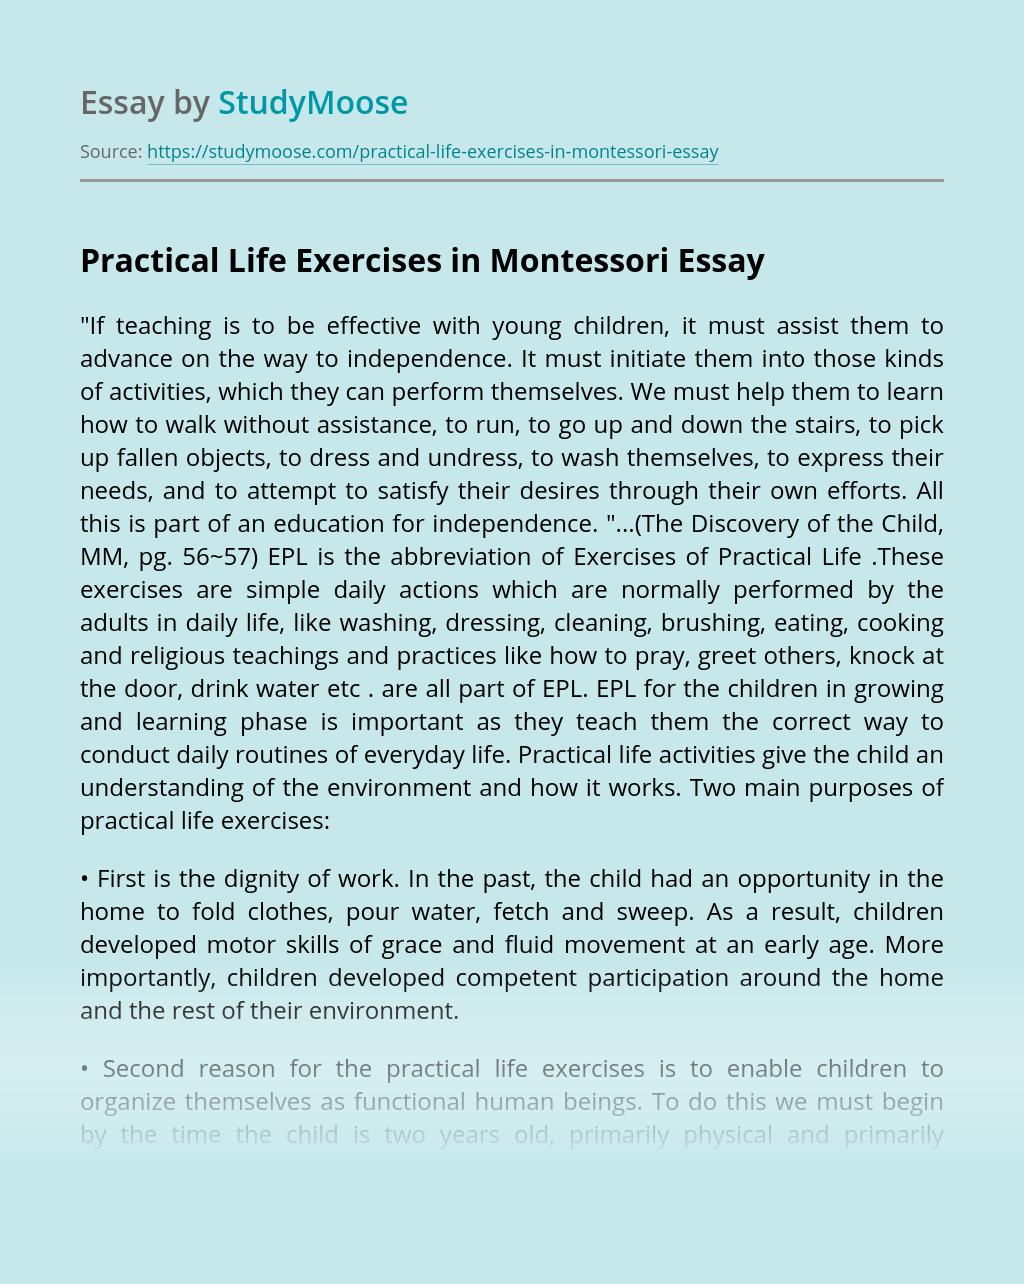 Practical Life Exercises in Montessori